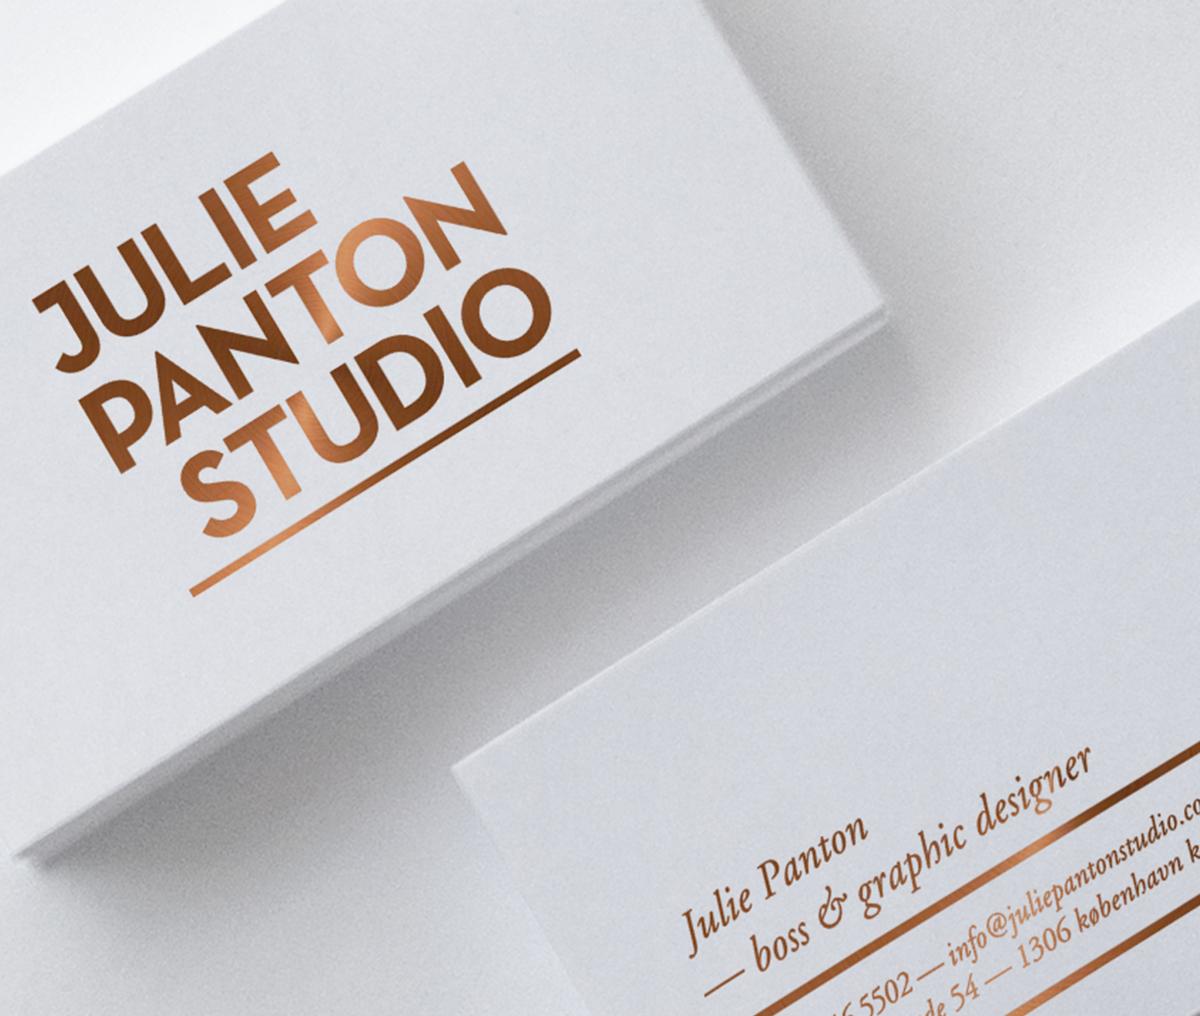 JULIE_PANTON_STUDIO_businesscards_mock_up_V4.png